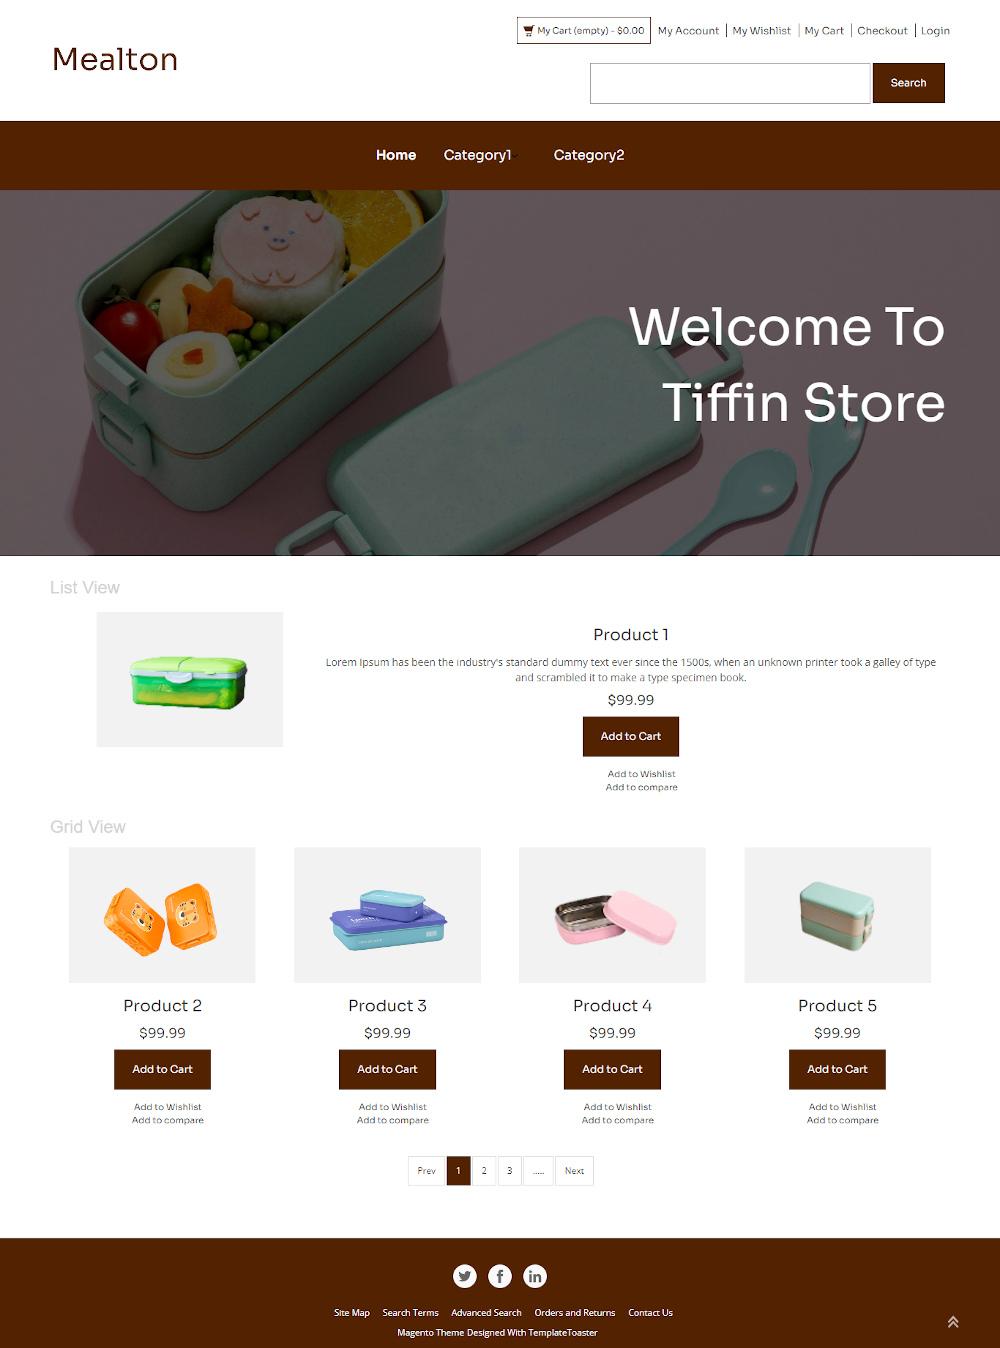 Mealton - Online Tiffin Box Store Magento Theme